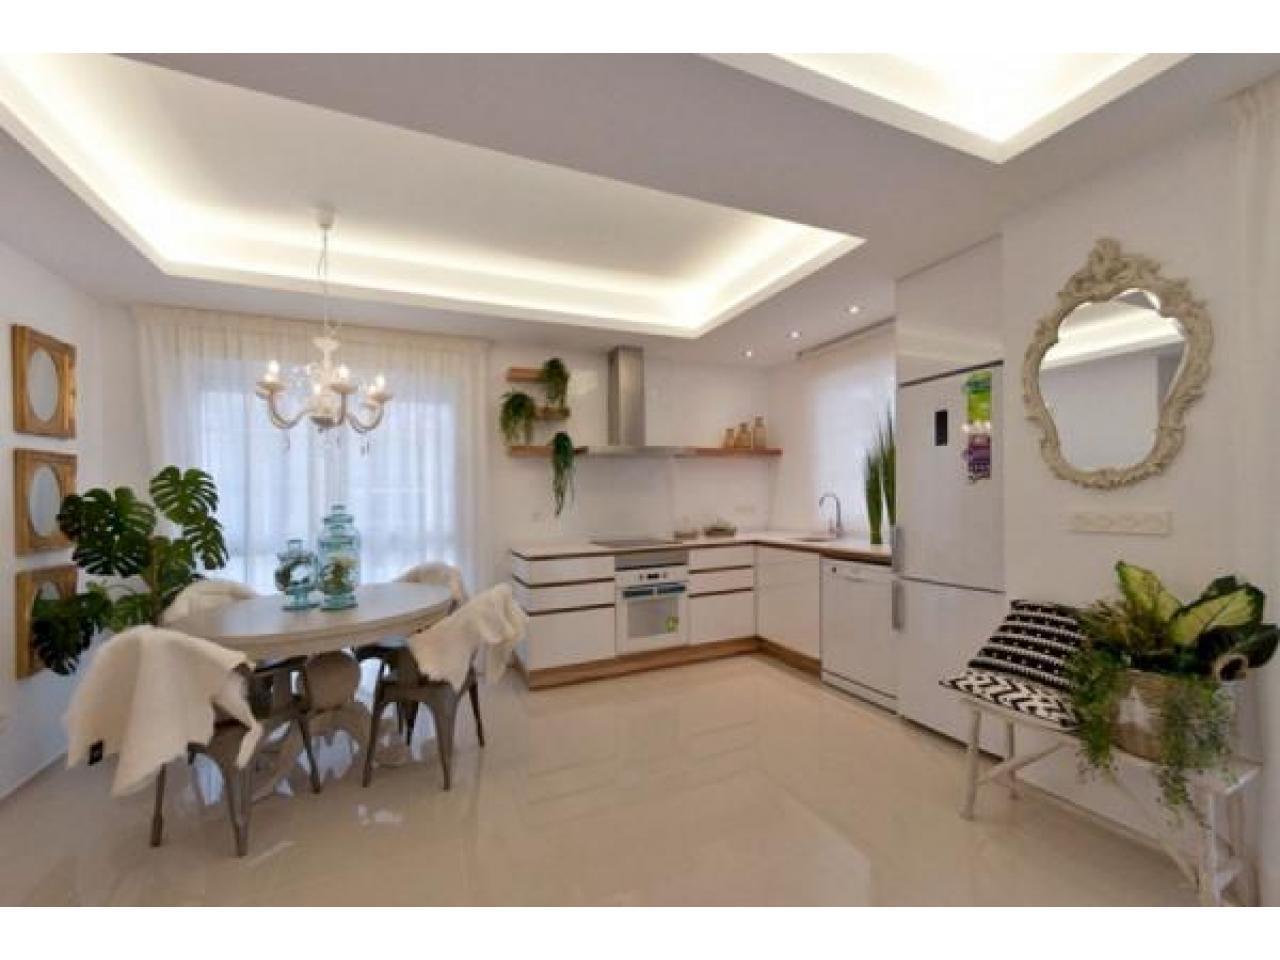 Недвижимость в Испании, Новые бунгало от застройщика в Сьюдад Кесада,Коста Бланка,Испания - 5